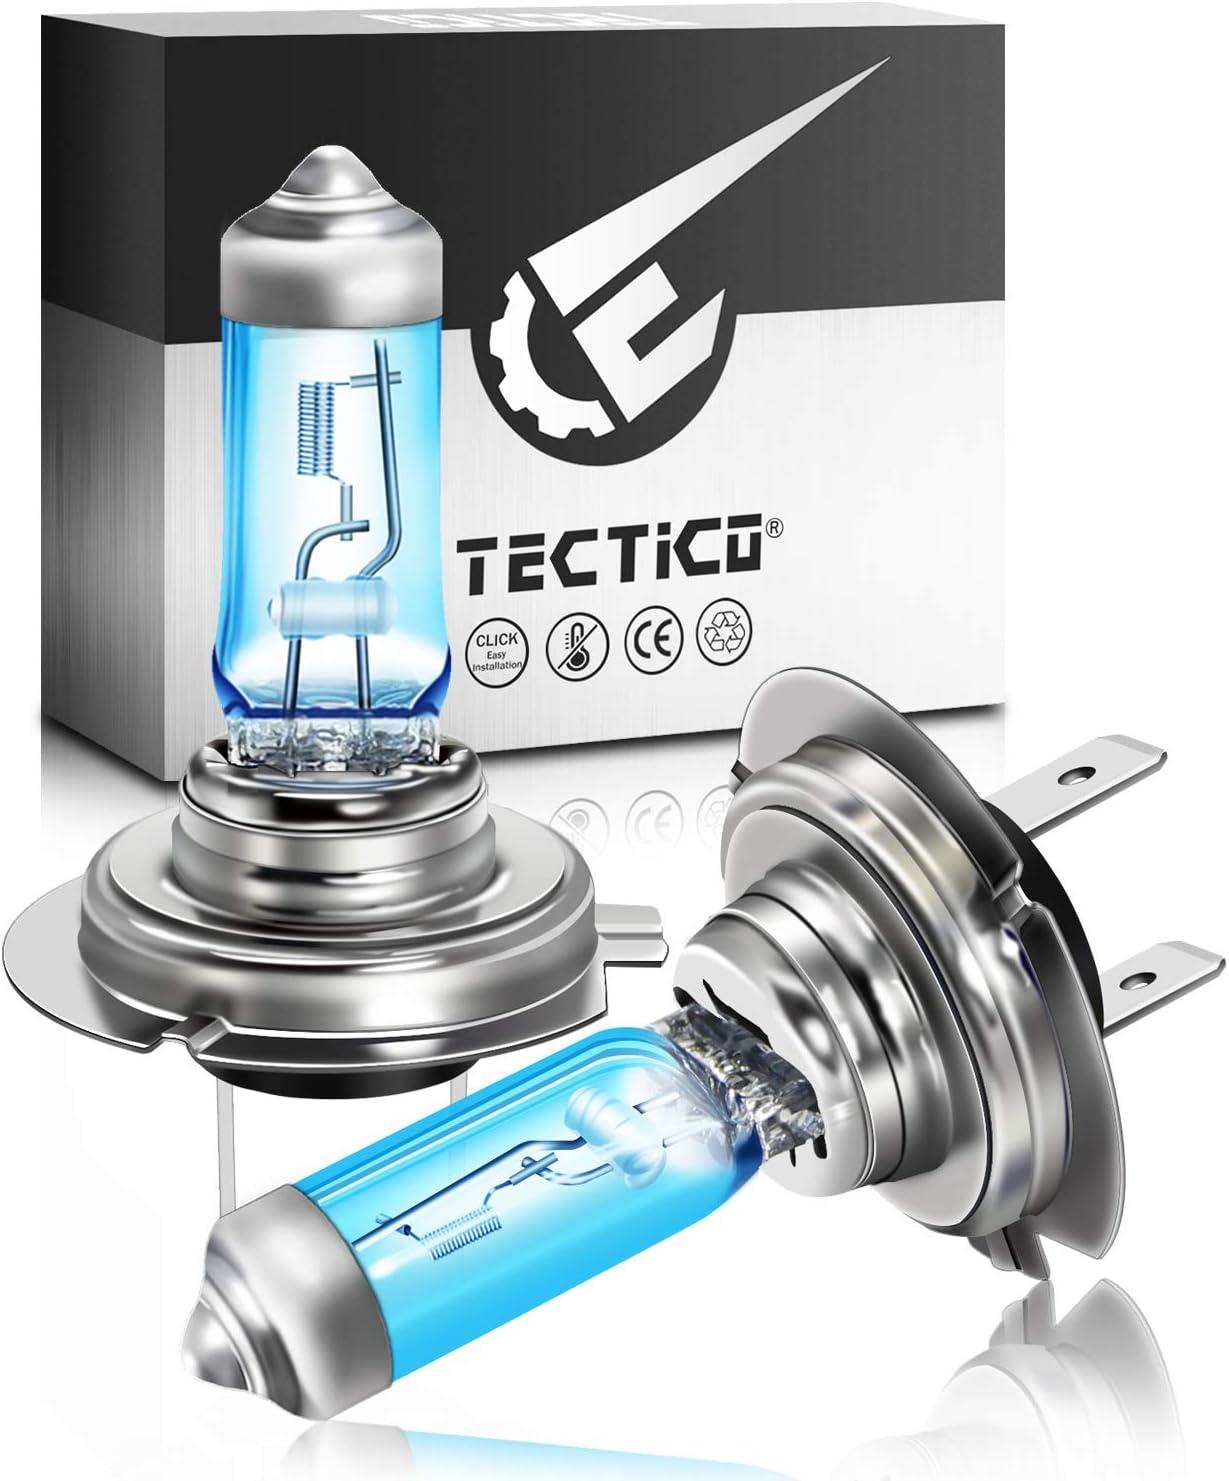 TECTICO HS1 Bombilla hal/ógena para faro delantero 35W 5000K Blanco c/álido 12V Haz bajo//reemplazo para luz nocturna para autom/óvil 2 piezas